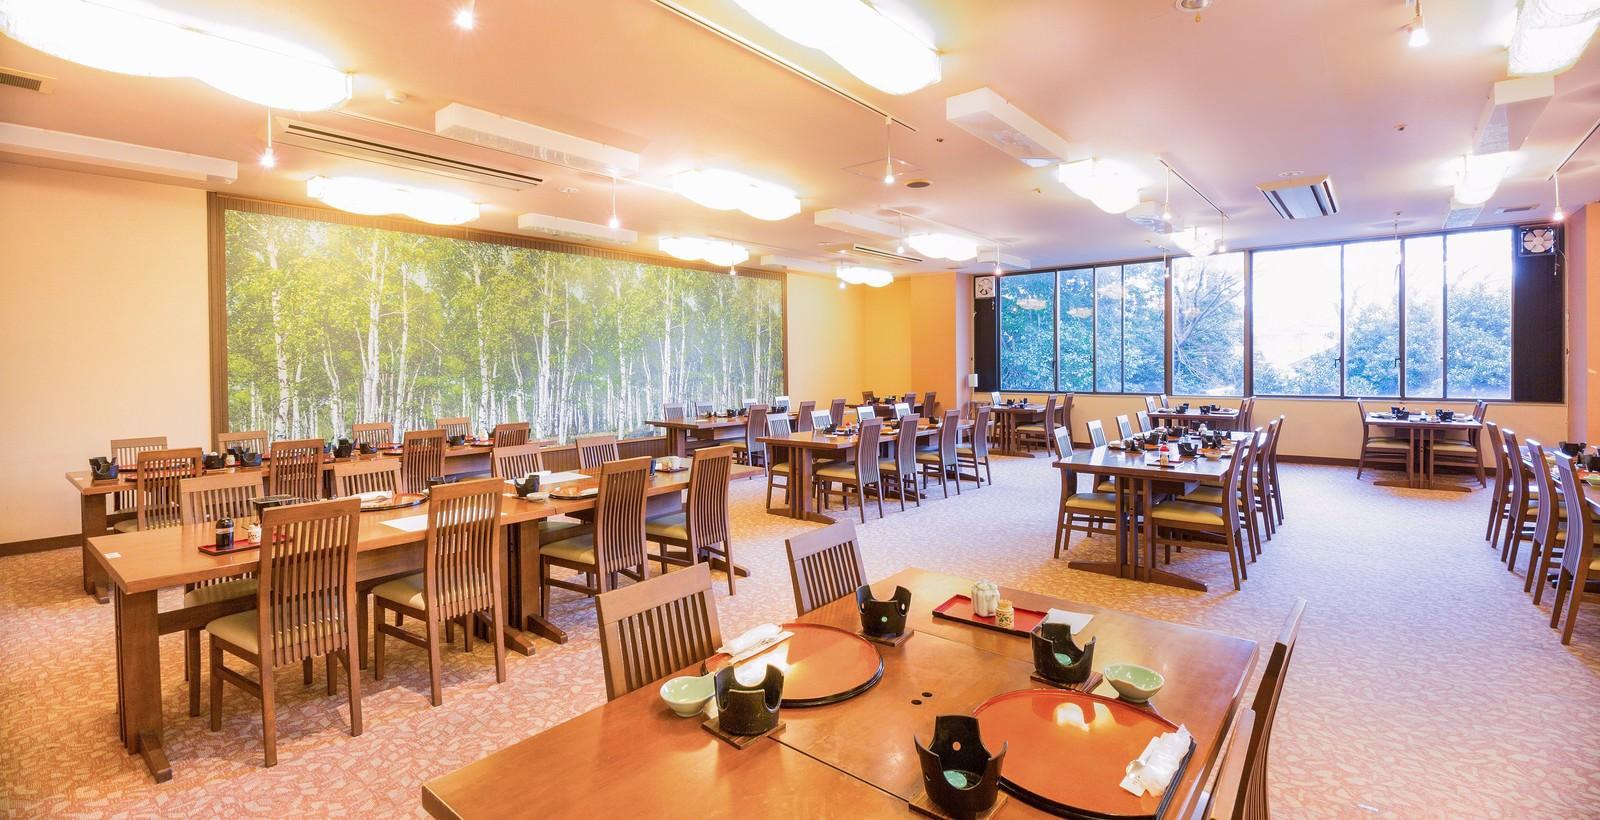 「食事会場食事会場」のフリー写真素材を拡大